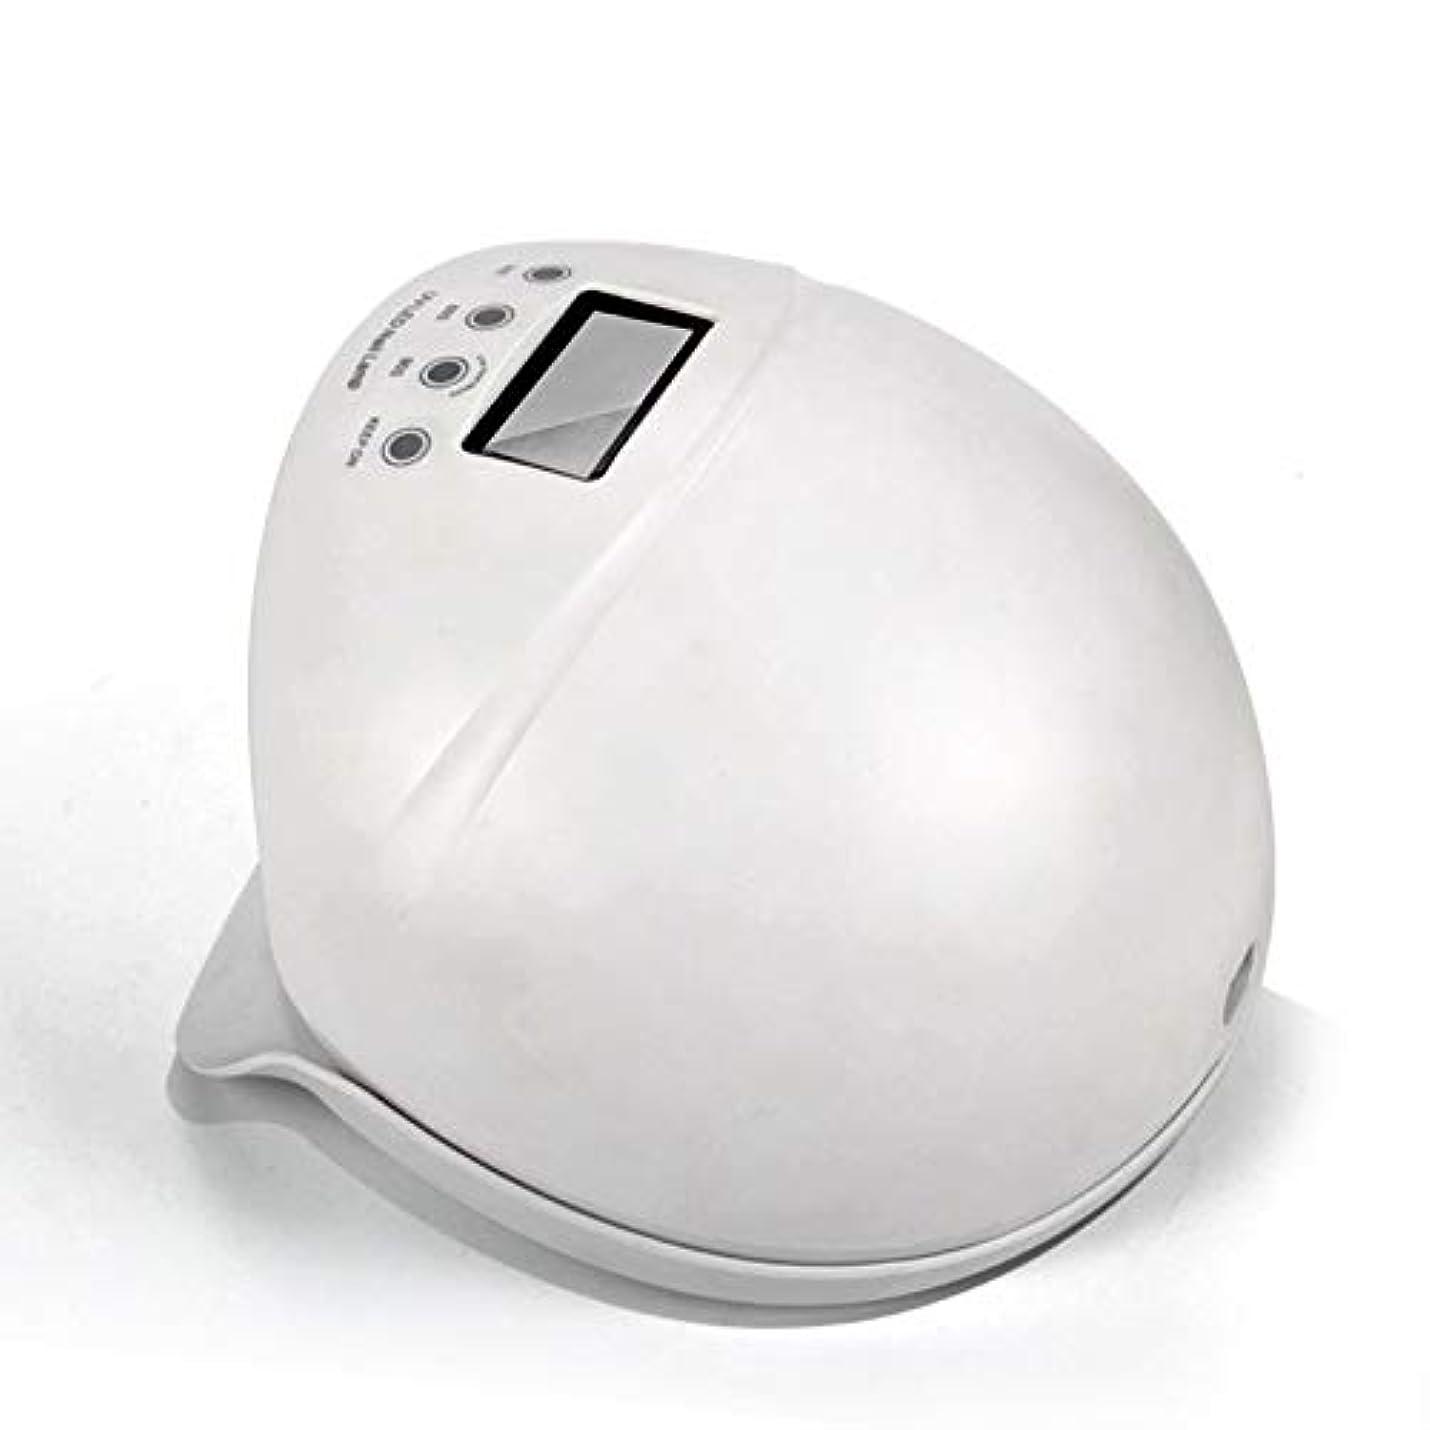 レビュー褐色想定するネイルライト50ワットuv ledネイルドライヤー無痛硬化ランプ付き自動誘導ledディスプレイ3タイマーセットネイルとtoenailジェルポリッシュ